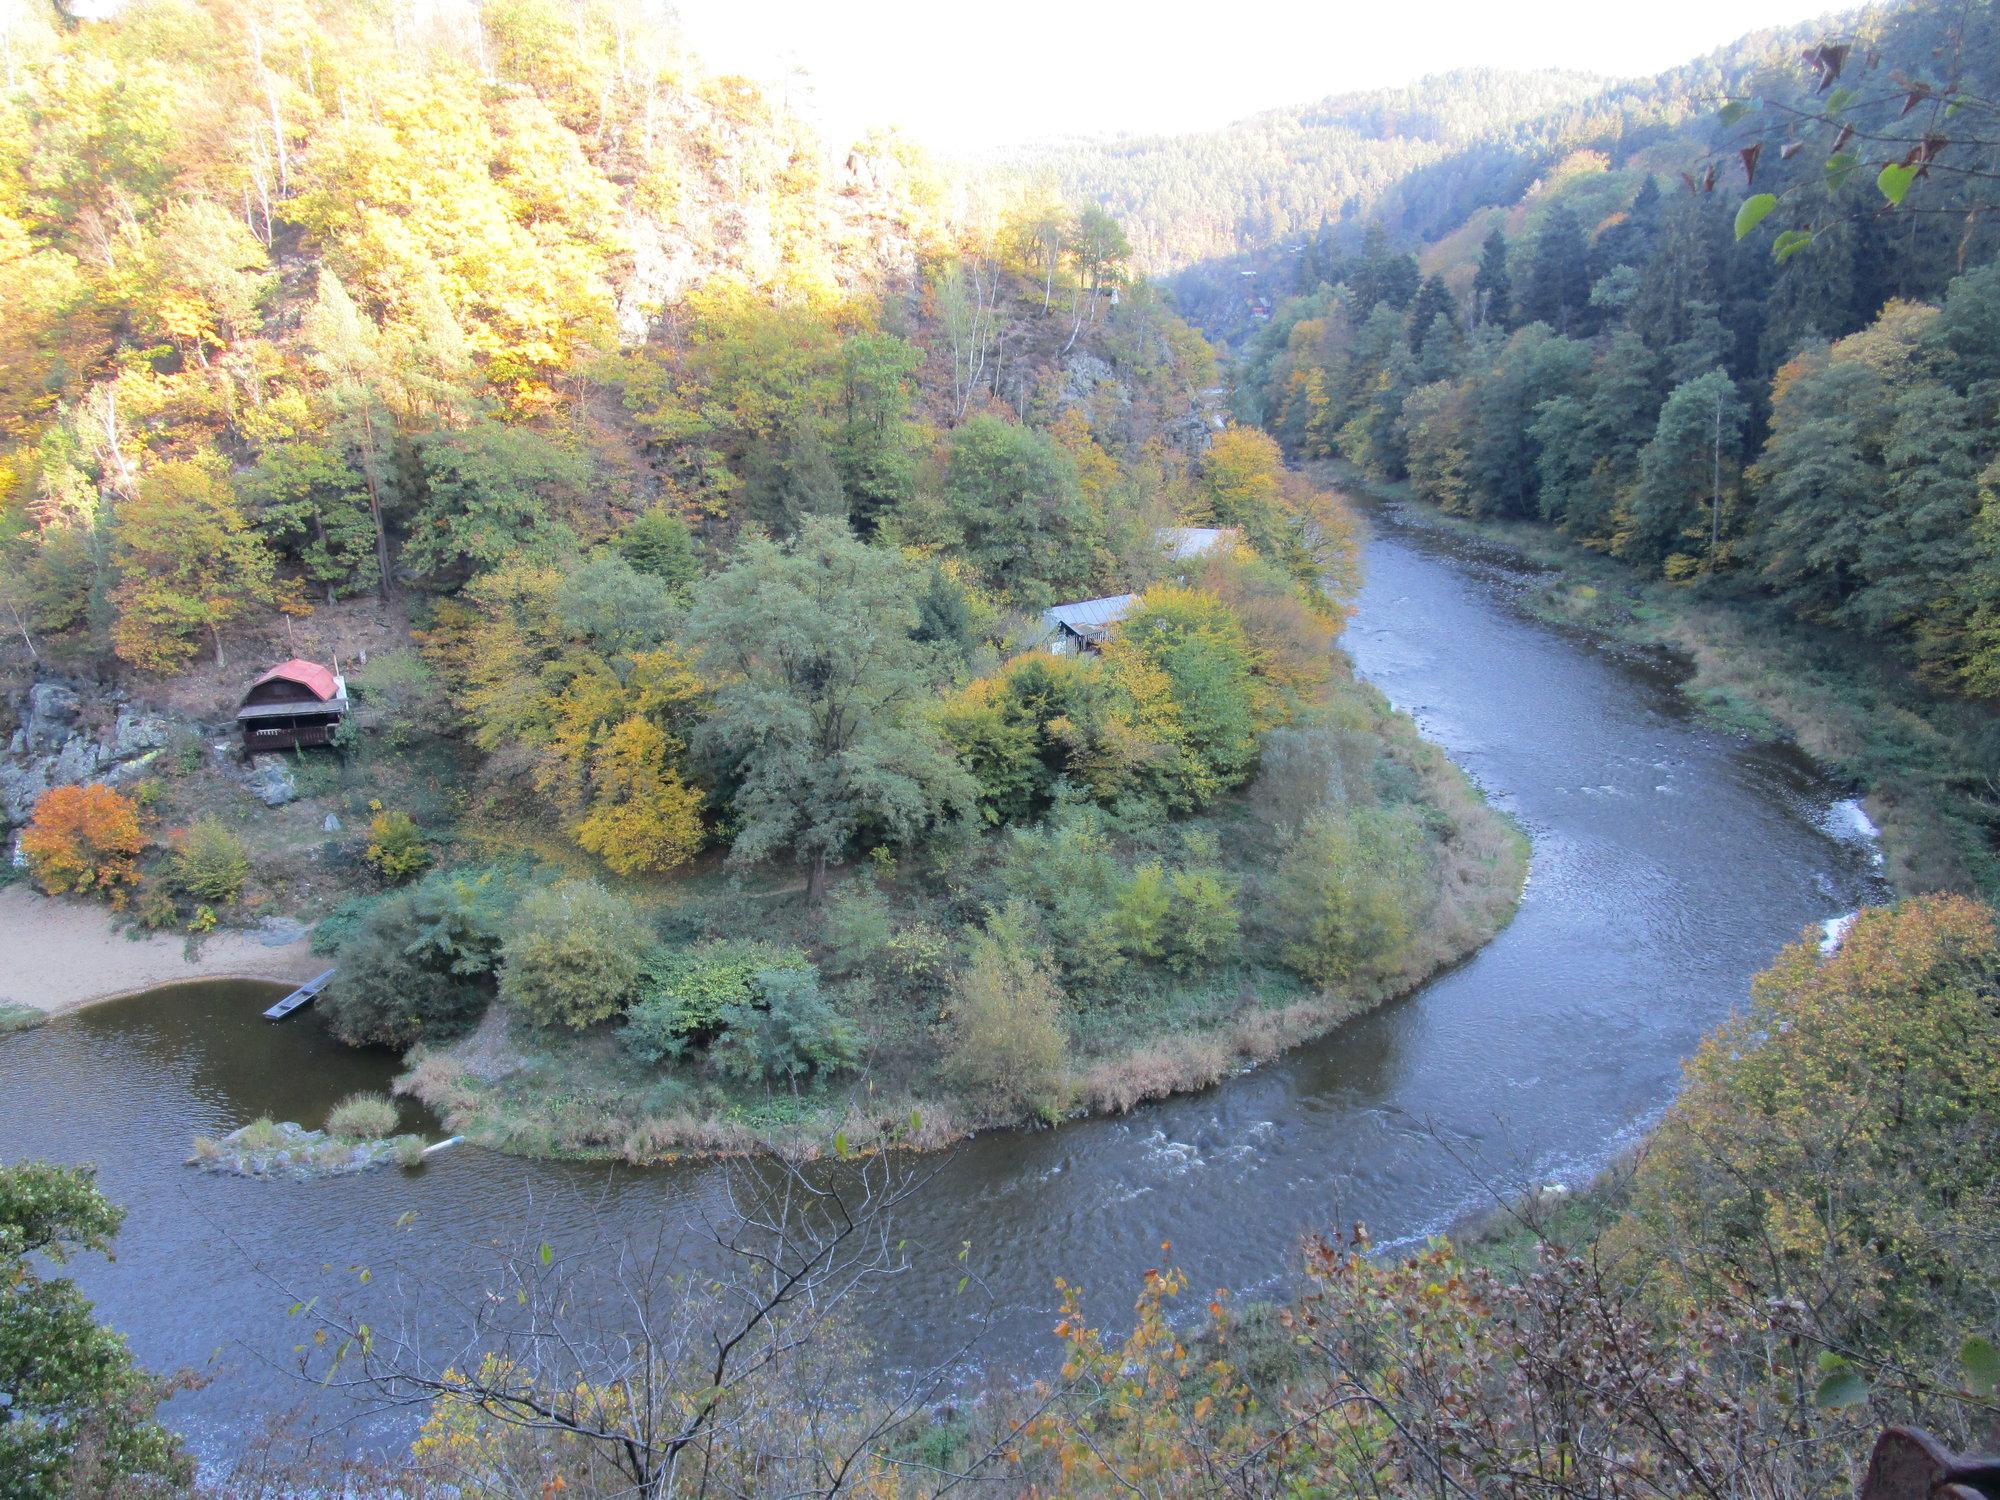 река Сазава и поселок в Луках-под-Медникем